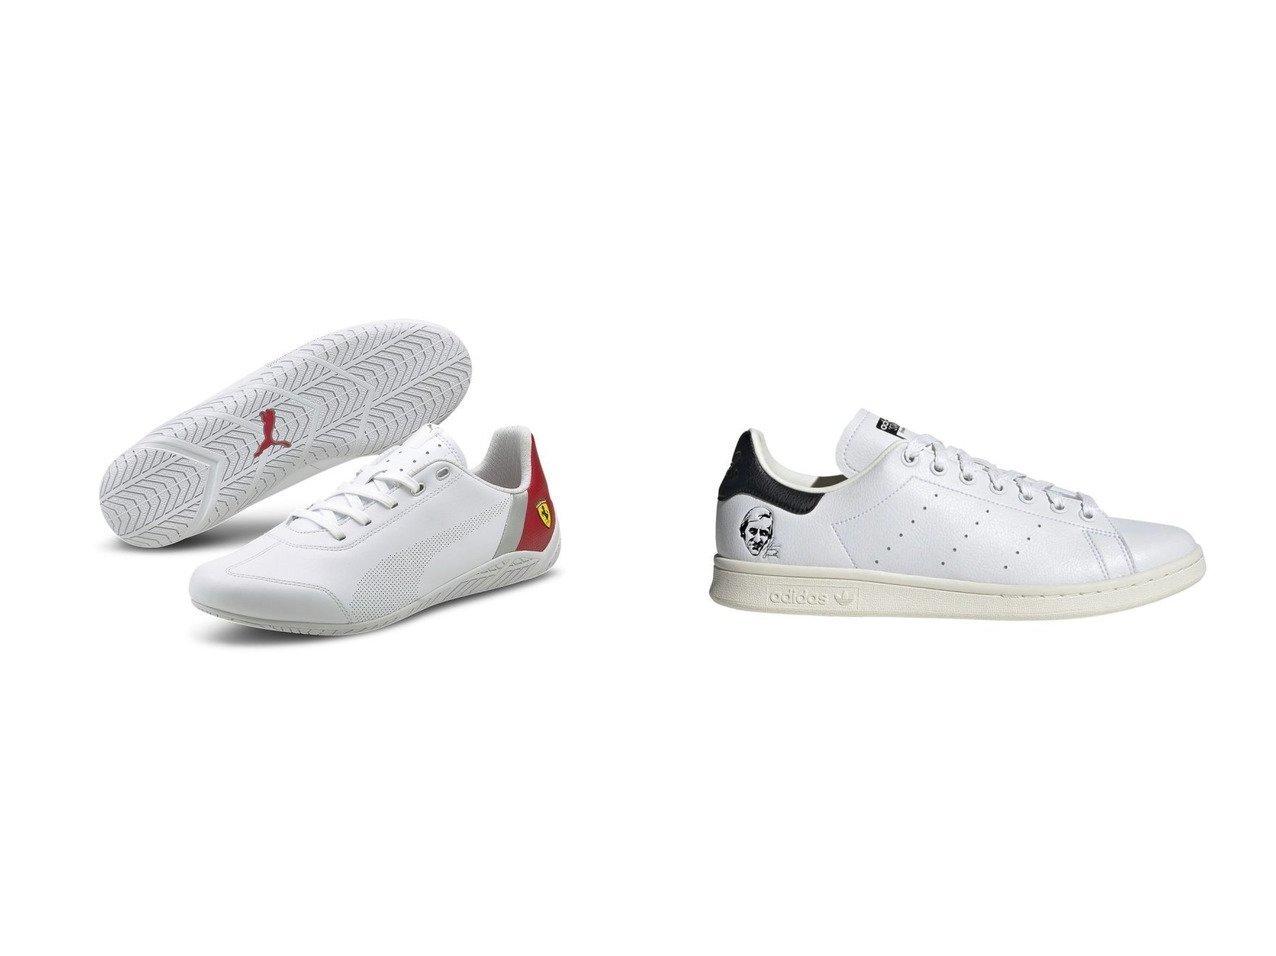 【PUMA/プーマ】のフェラーリ RDG キャット スニーカー&【adidas/アディダス】のadidas STAN SMITH 【シューズ・靴】おすすめ!人気、トレンド・レディースファッションの通販  おすすめで人気の流行・トレンド、ファッションの通販商品 メンズファッション・キッズファッション・インテリア・家具・レディースファッション・服の通販 founy(ファニー) https://founy.com/ ファッション Fashion レディースファッション WOMEN 2021年 2021 2021春夏・S/S SS/Spring/Summer/2021 S/S・春夏 SS・Spring/Summer なめらか シューズ スニーカー スリッポン 春 Spring 軽量 |ID:crp329100000034630